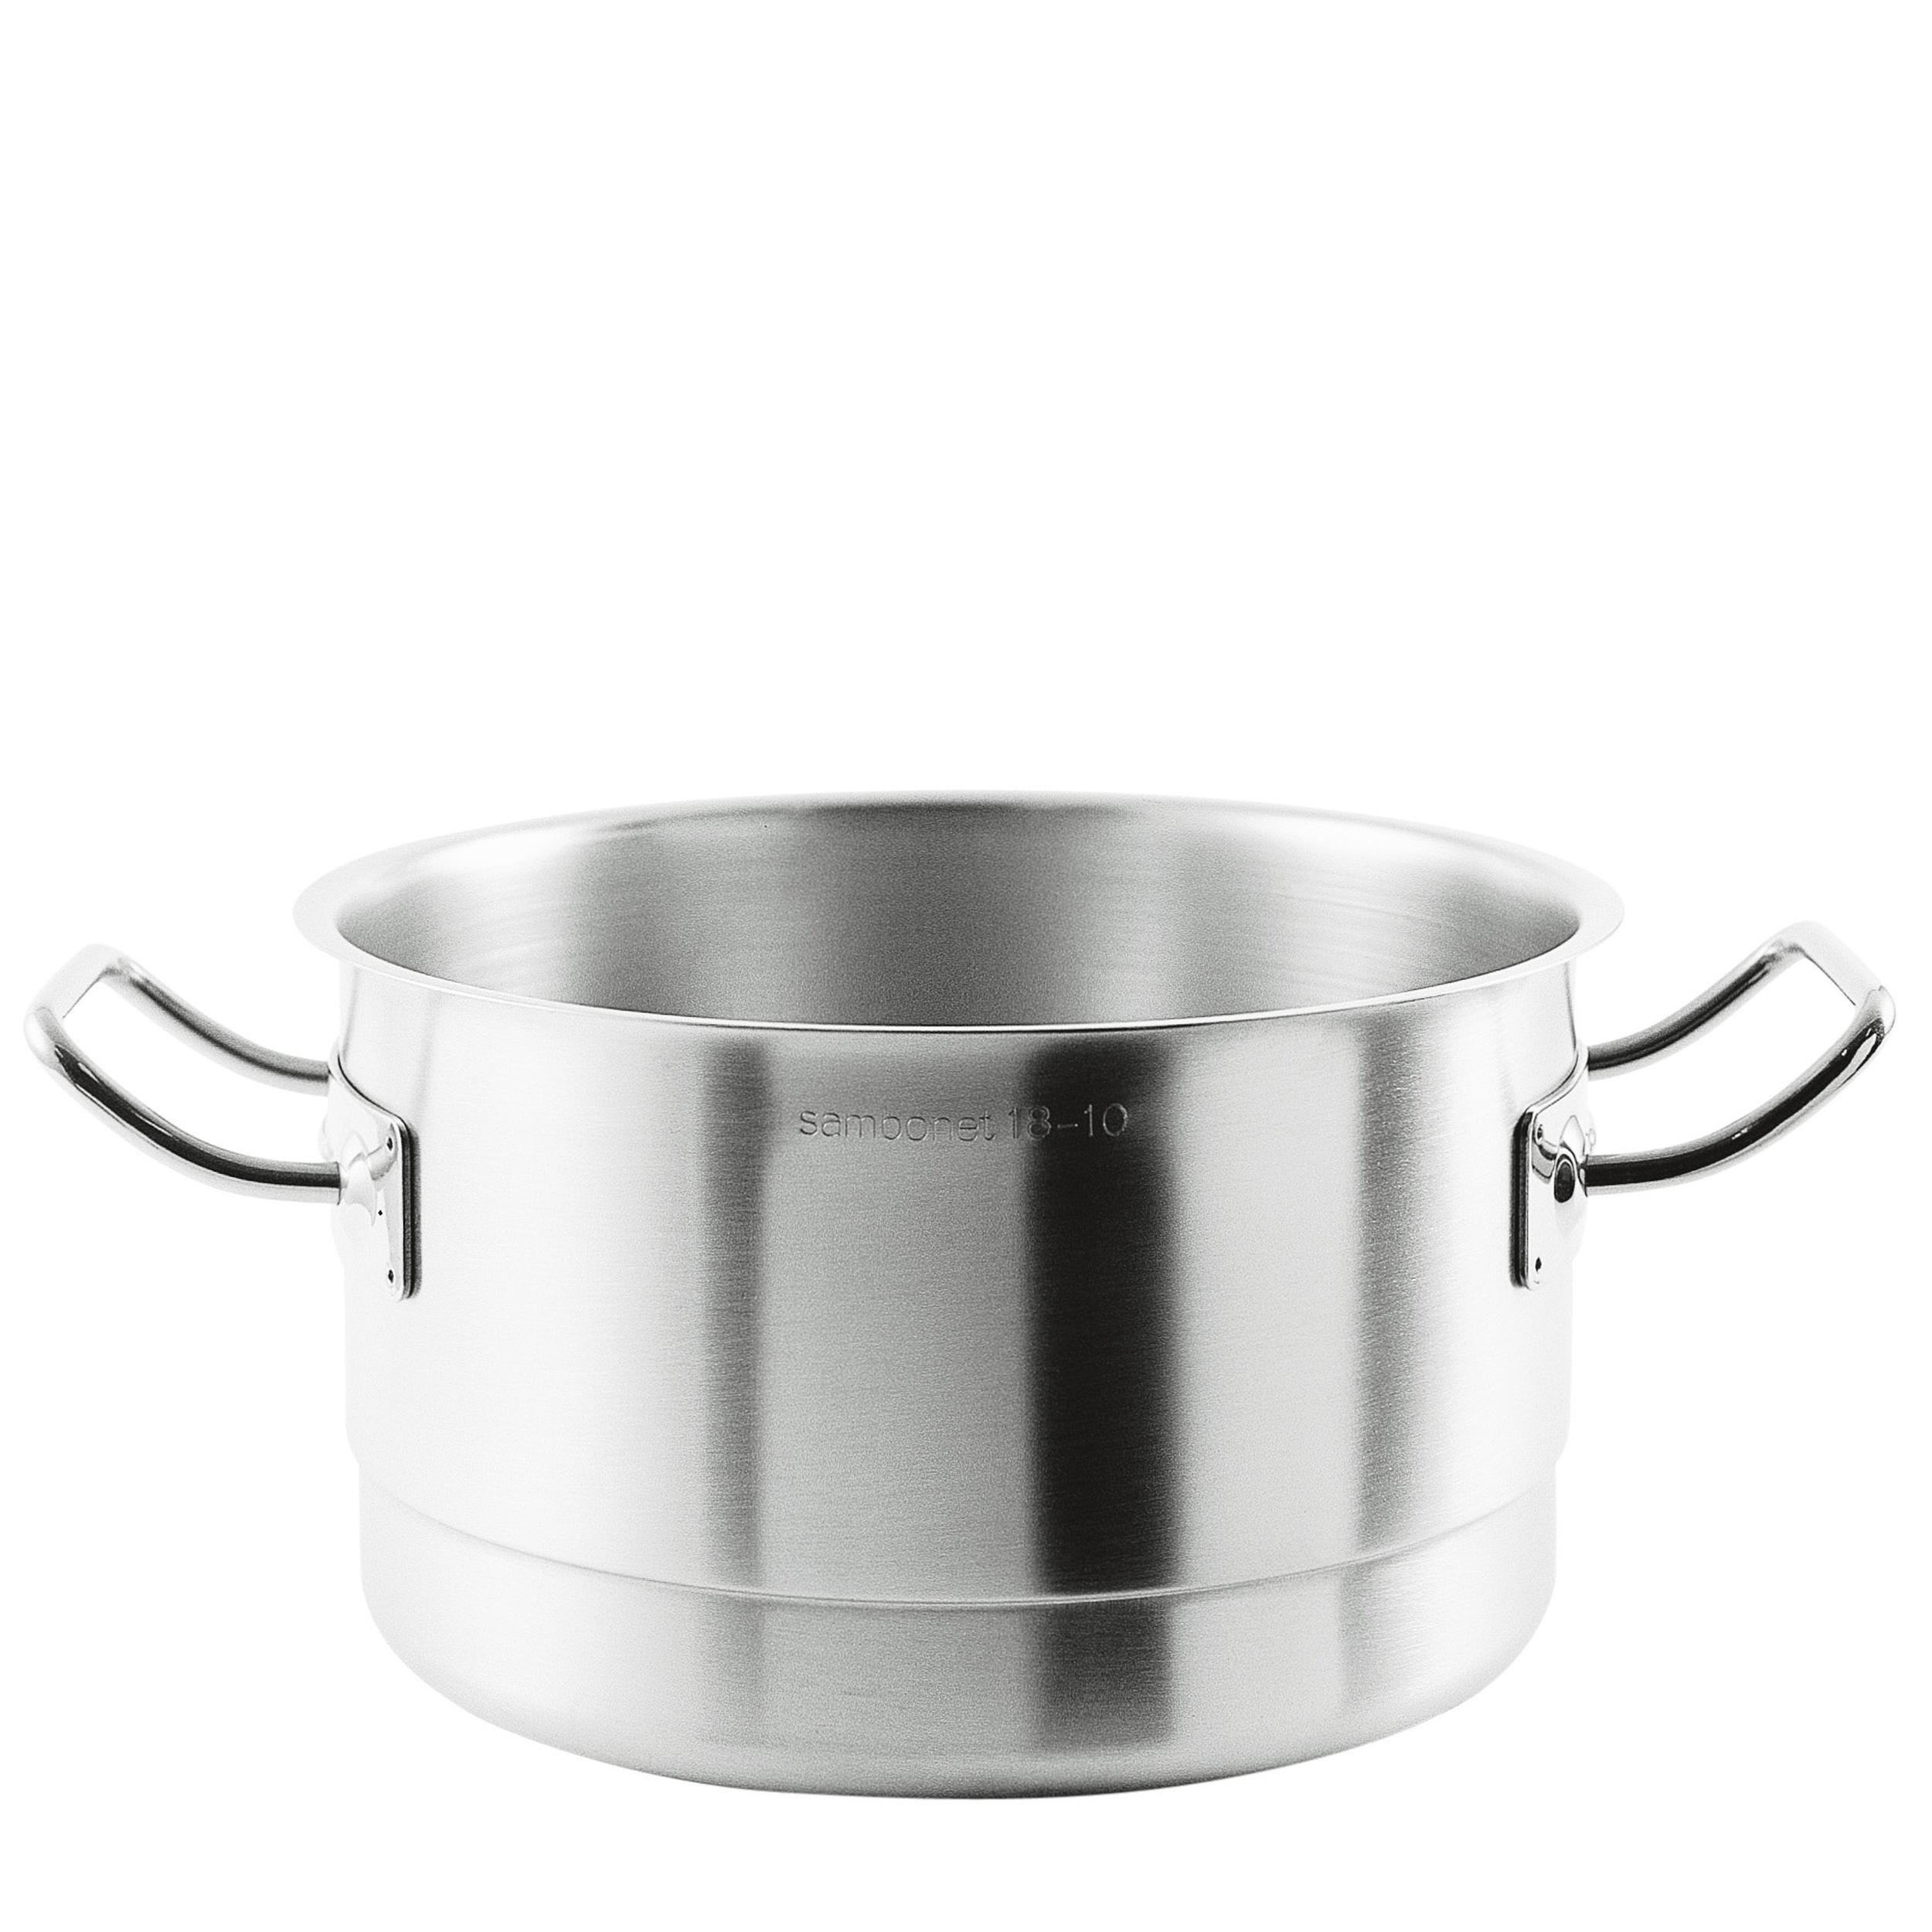 Colatore, Cuocivapore Professionale acciaio inox 18/10 Professionale Ø24xh15 cm